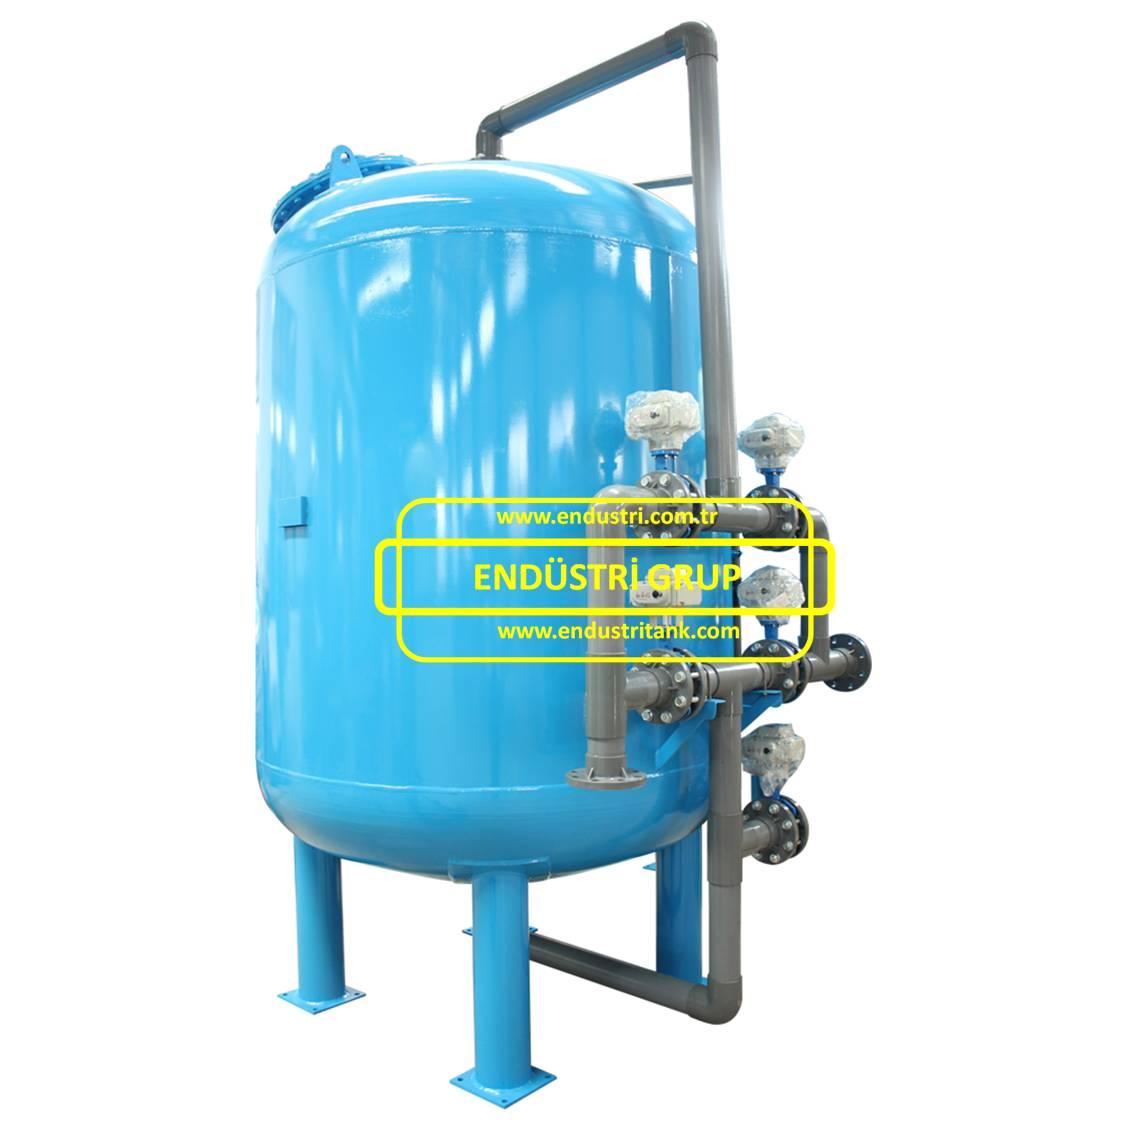 paslanmaz-celik-asu-sut-aritma-suzdurme-filtreleme-tanki-tanklari-fiyati